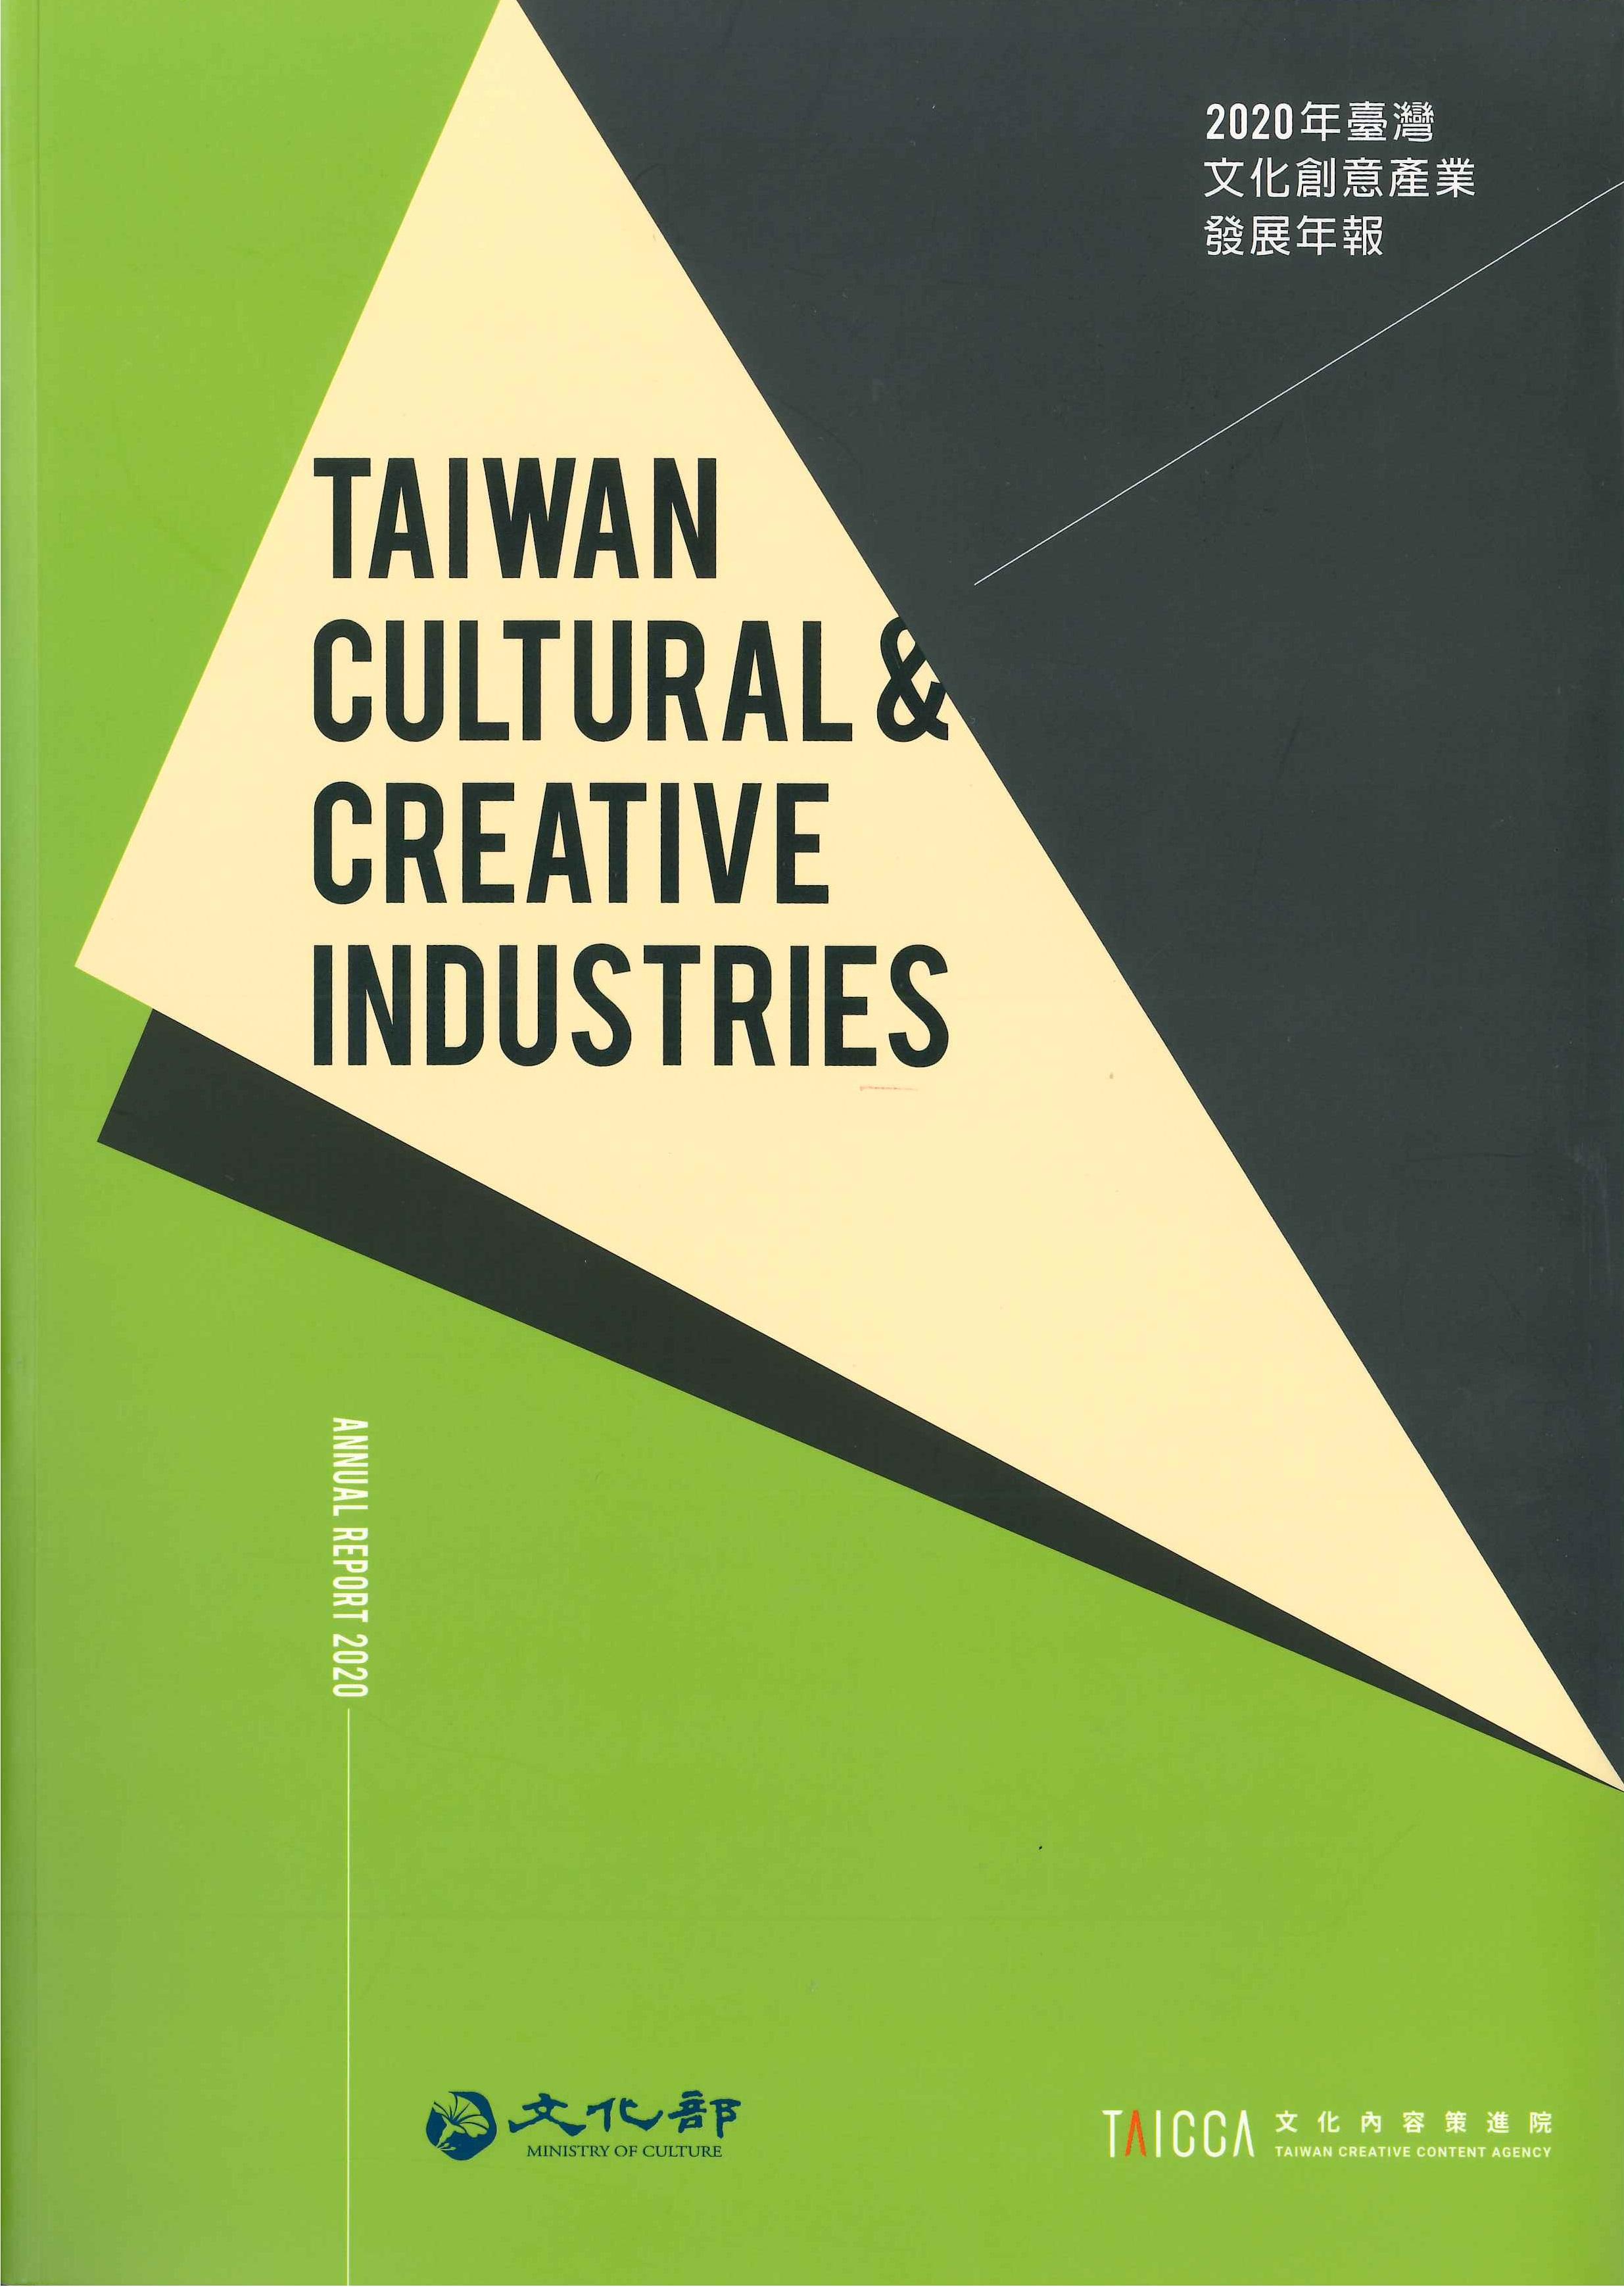 臺灣文化創意產業發展年報=Taiwan cultural & creative industries annual report